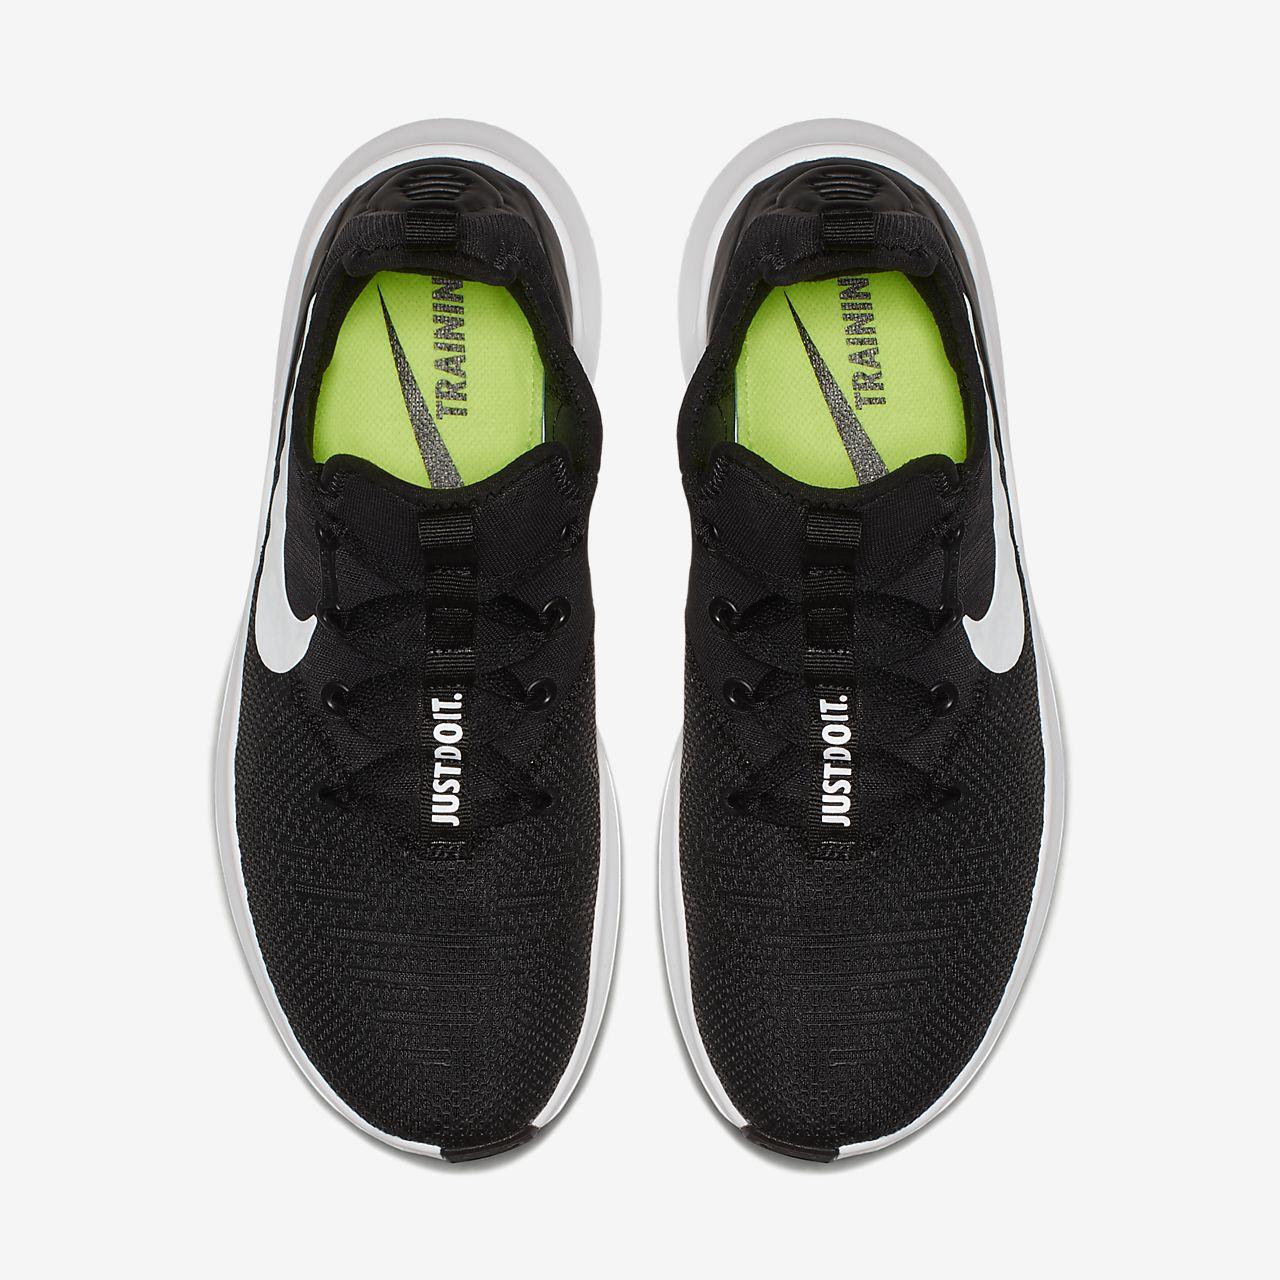 official photos fdd30 330d8 ... Chaussure de cross-training, HIIT et fitness Nike Free TR8 pour Femme